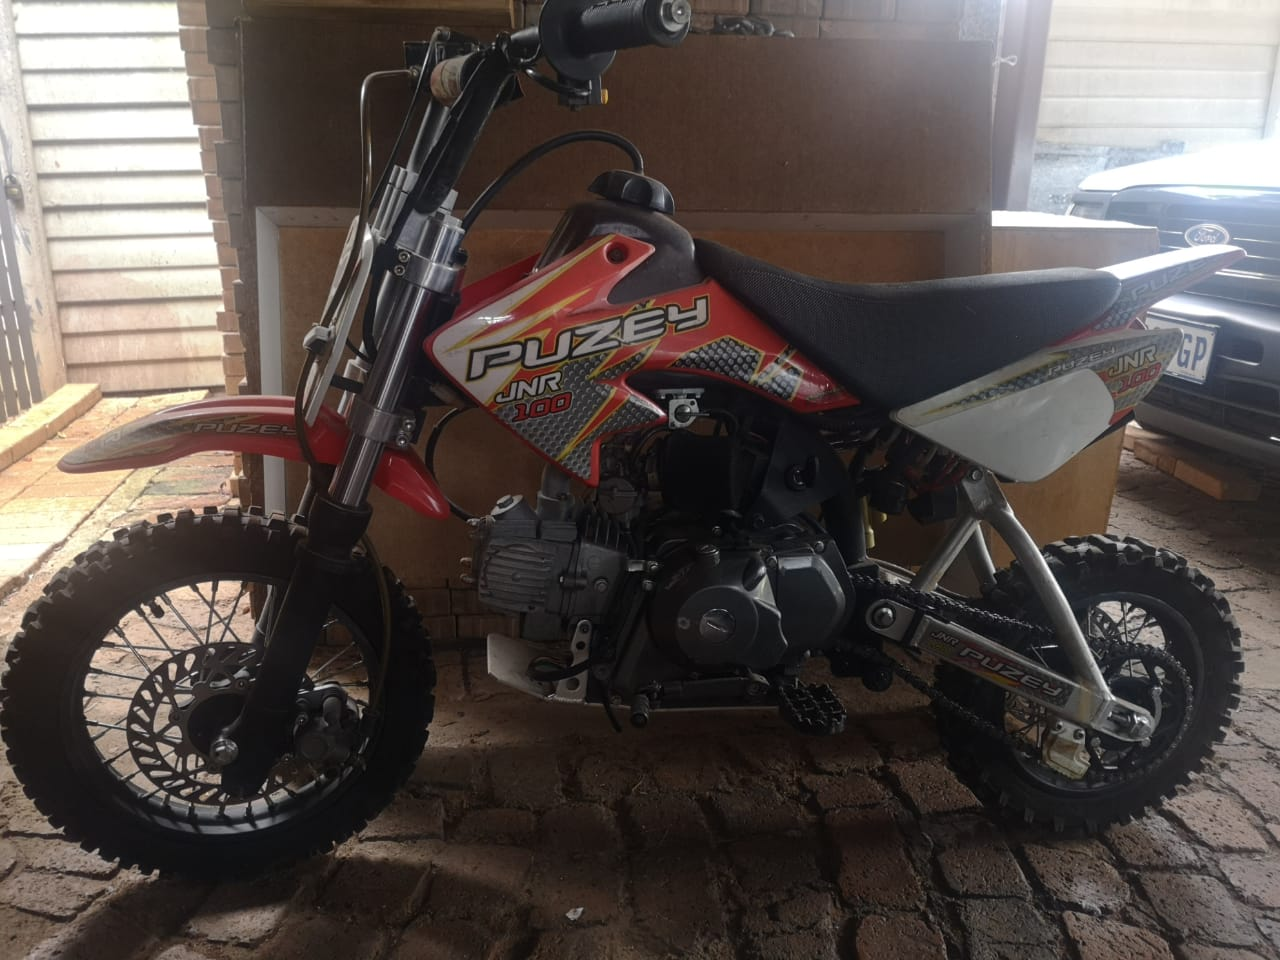 2007 Puzey XTR